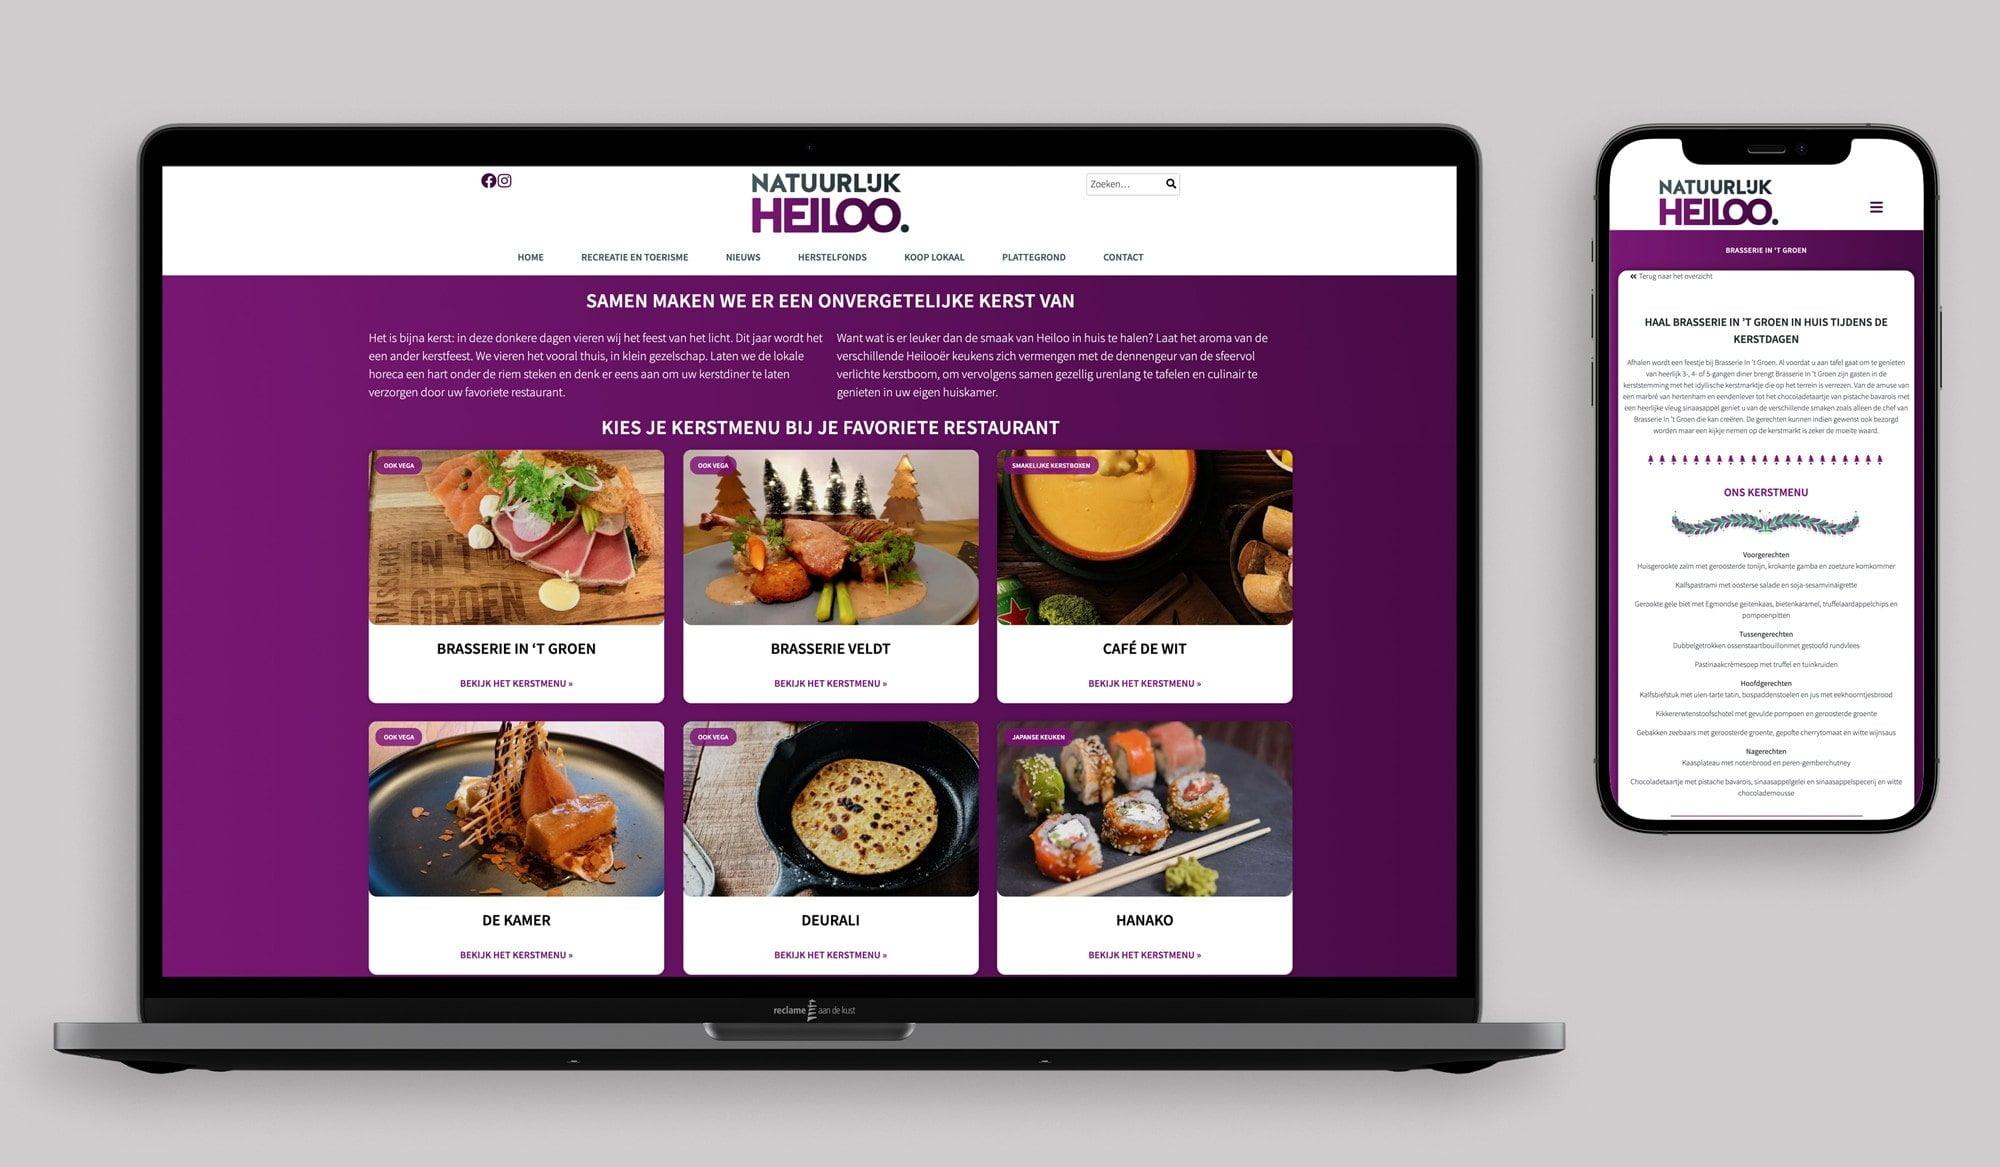 Natuurlijk Heiloo website